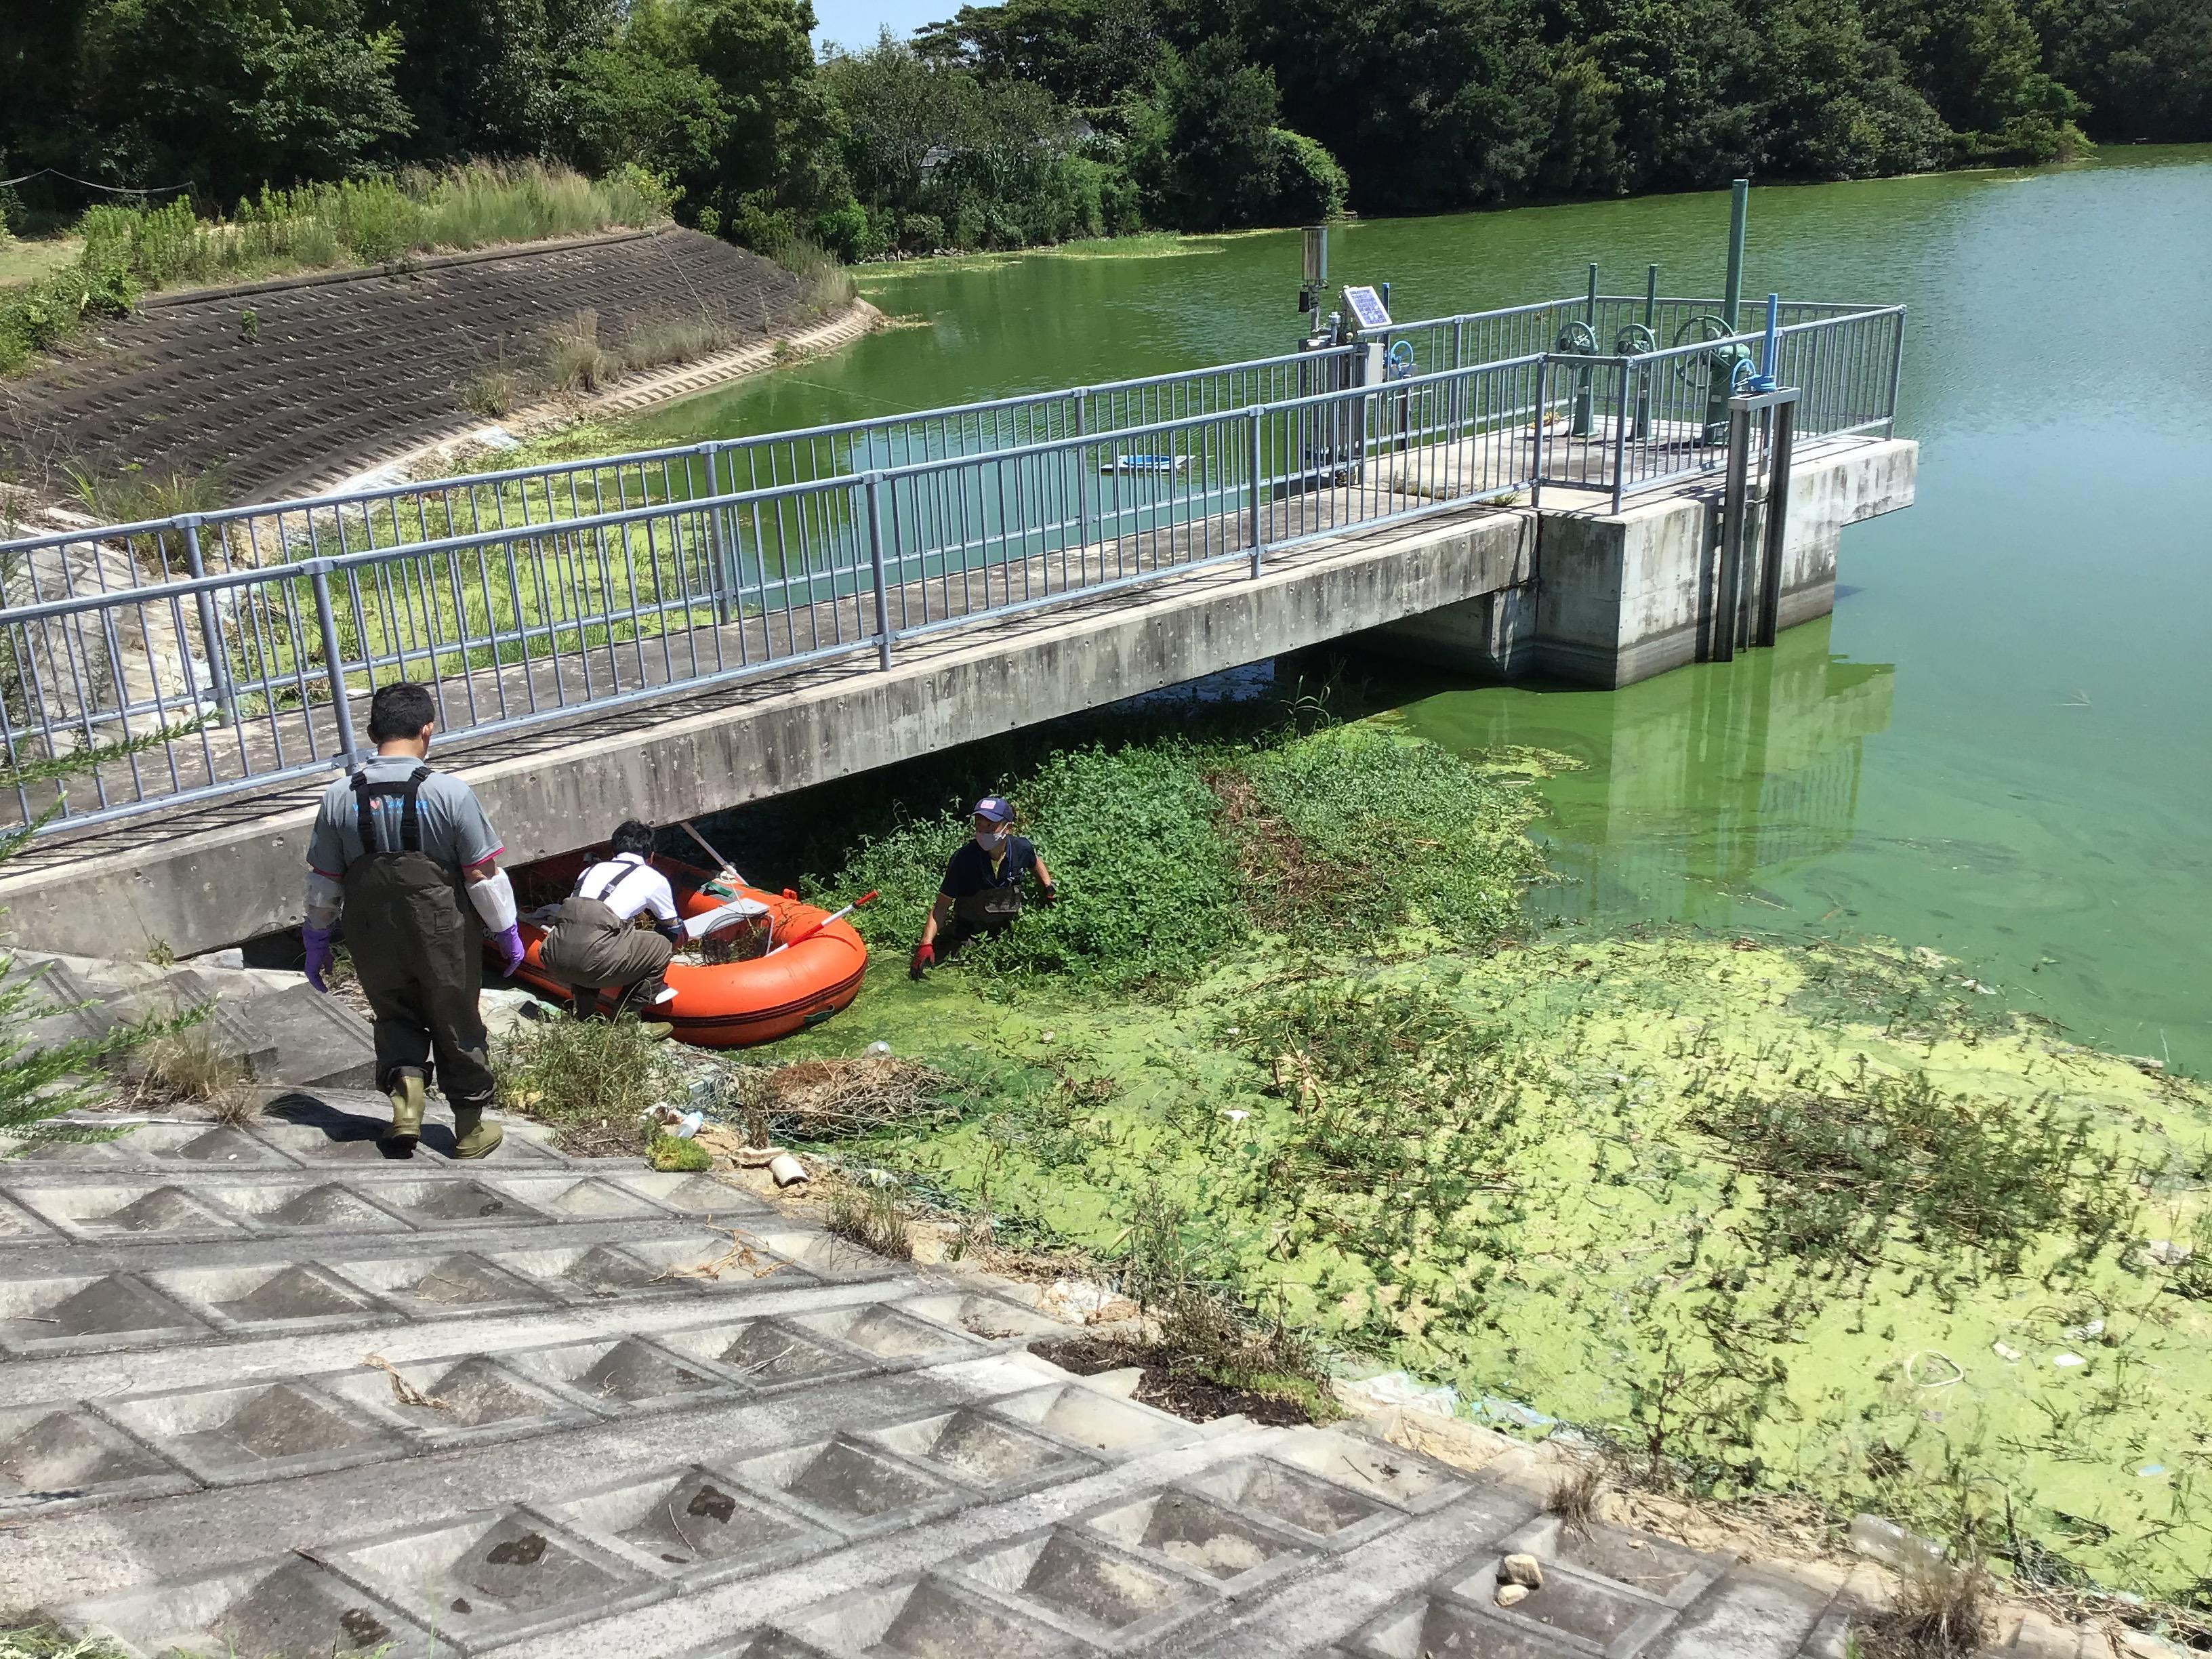 ため池の止水ゲート付近。腰上まで入ってナガエを岸側に集める大本係長。急に深くなってるので、ここも危険です。(写真左は明石市農水課長の福井課長。)